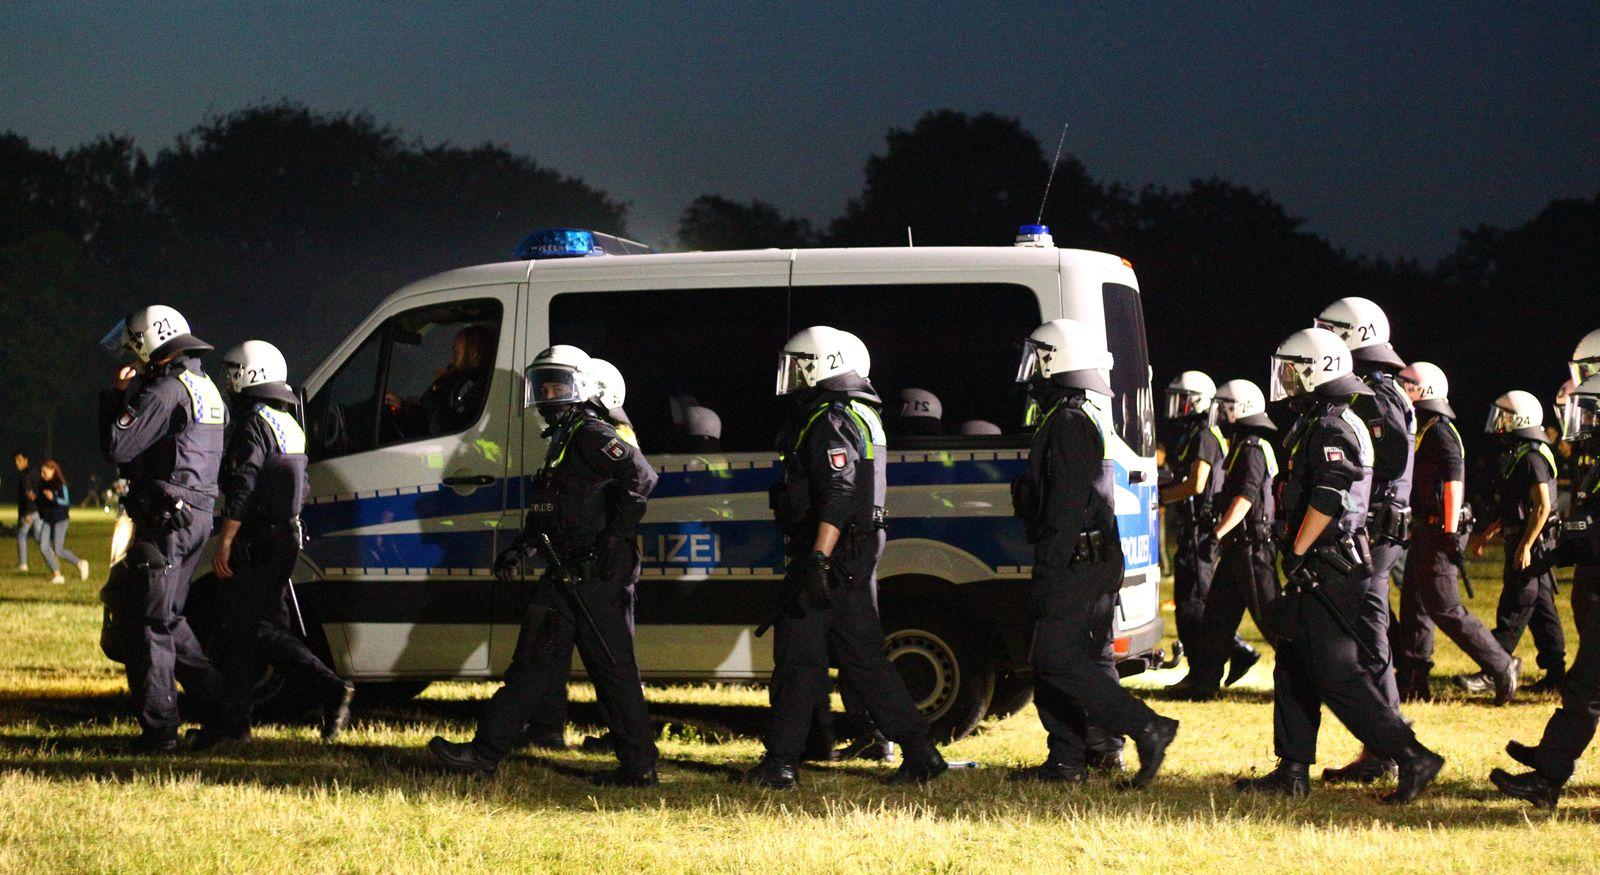 In der Nacht von Freitag auf Samstag haben erneut Tausende von Jugendlichen im Hamburger Stadtpark gefeiert und dabei C